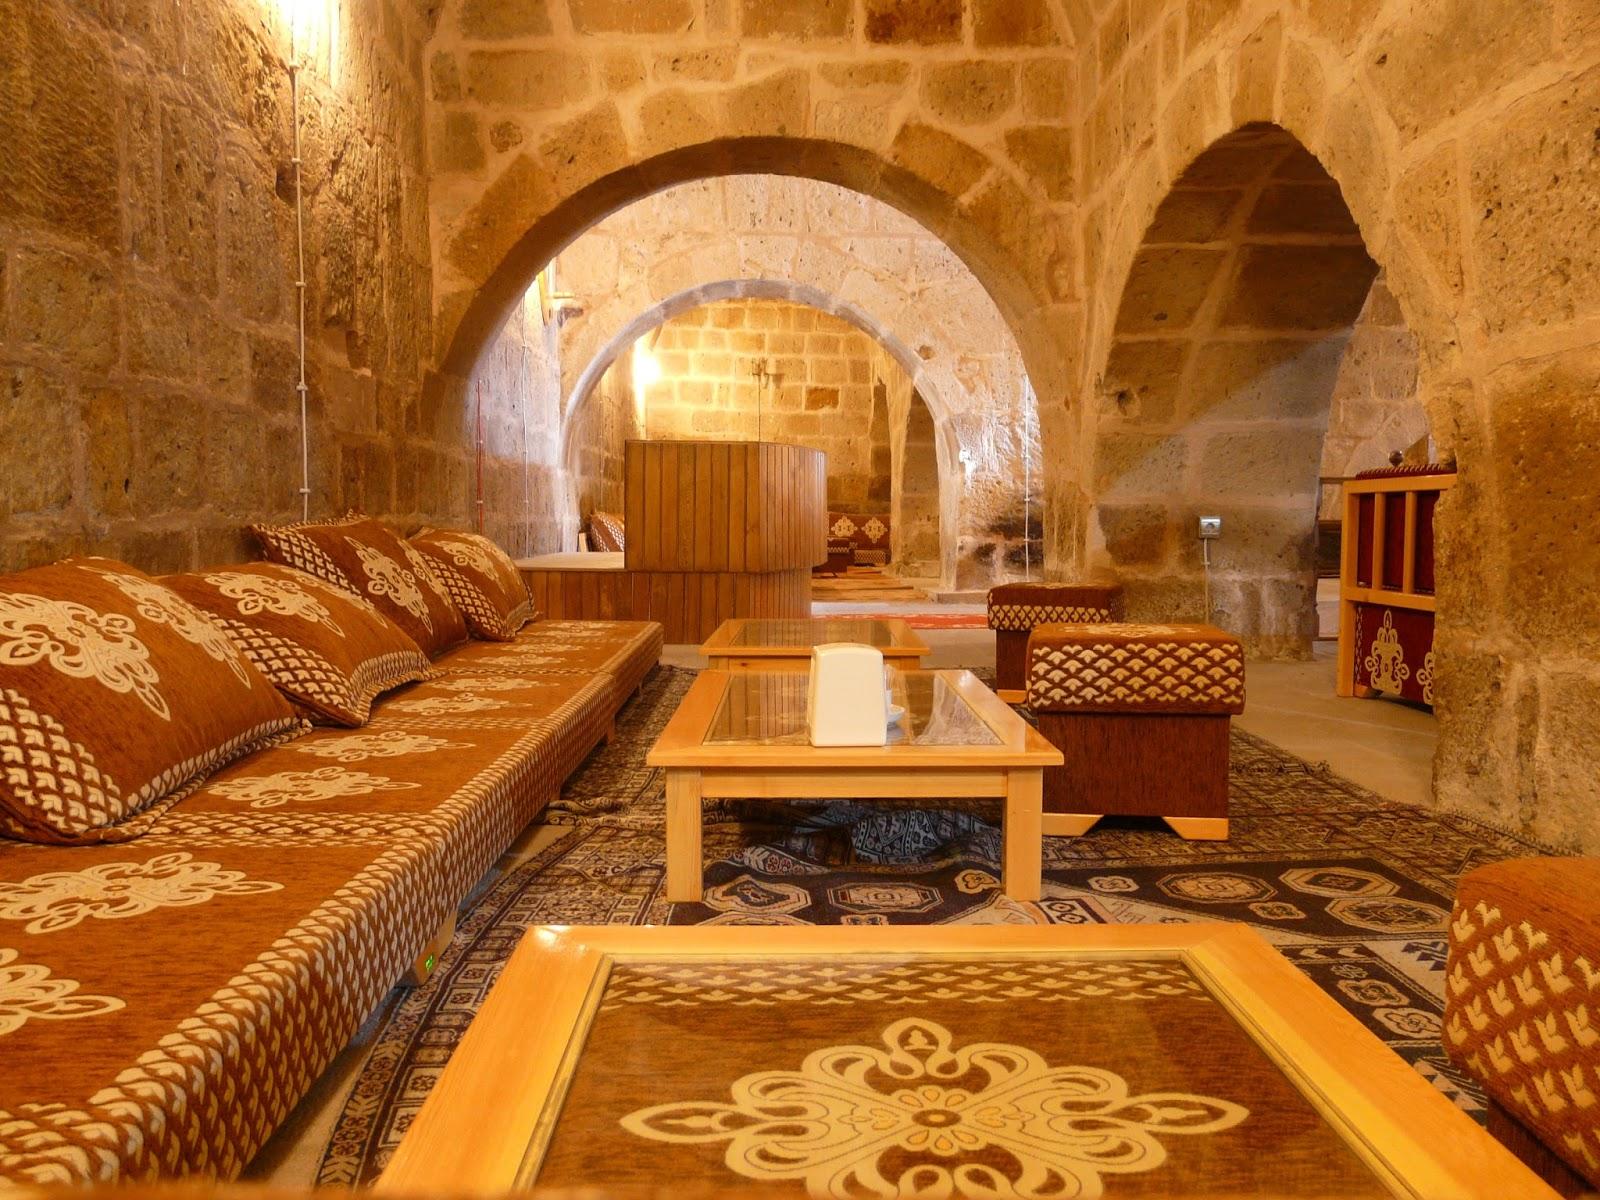 عوامل نجاح التصميم المغربي